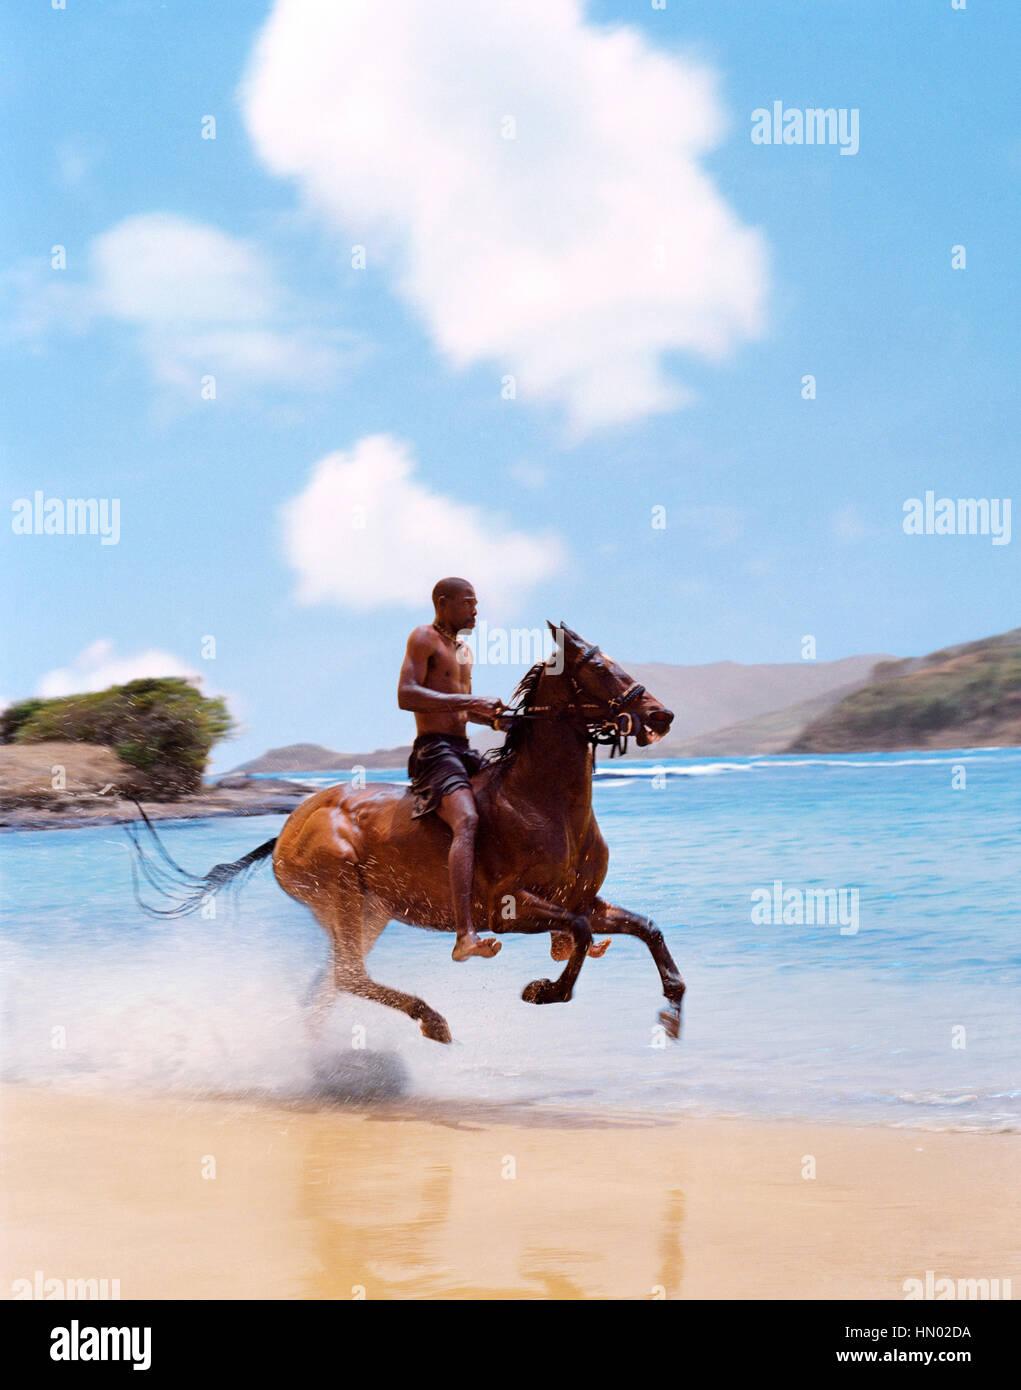 Poney Club International co-propriétaire Alvin Phillipp monte un cheval vers le bas Cas-En-Bas. Sainte-lucie. Photo Stock